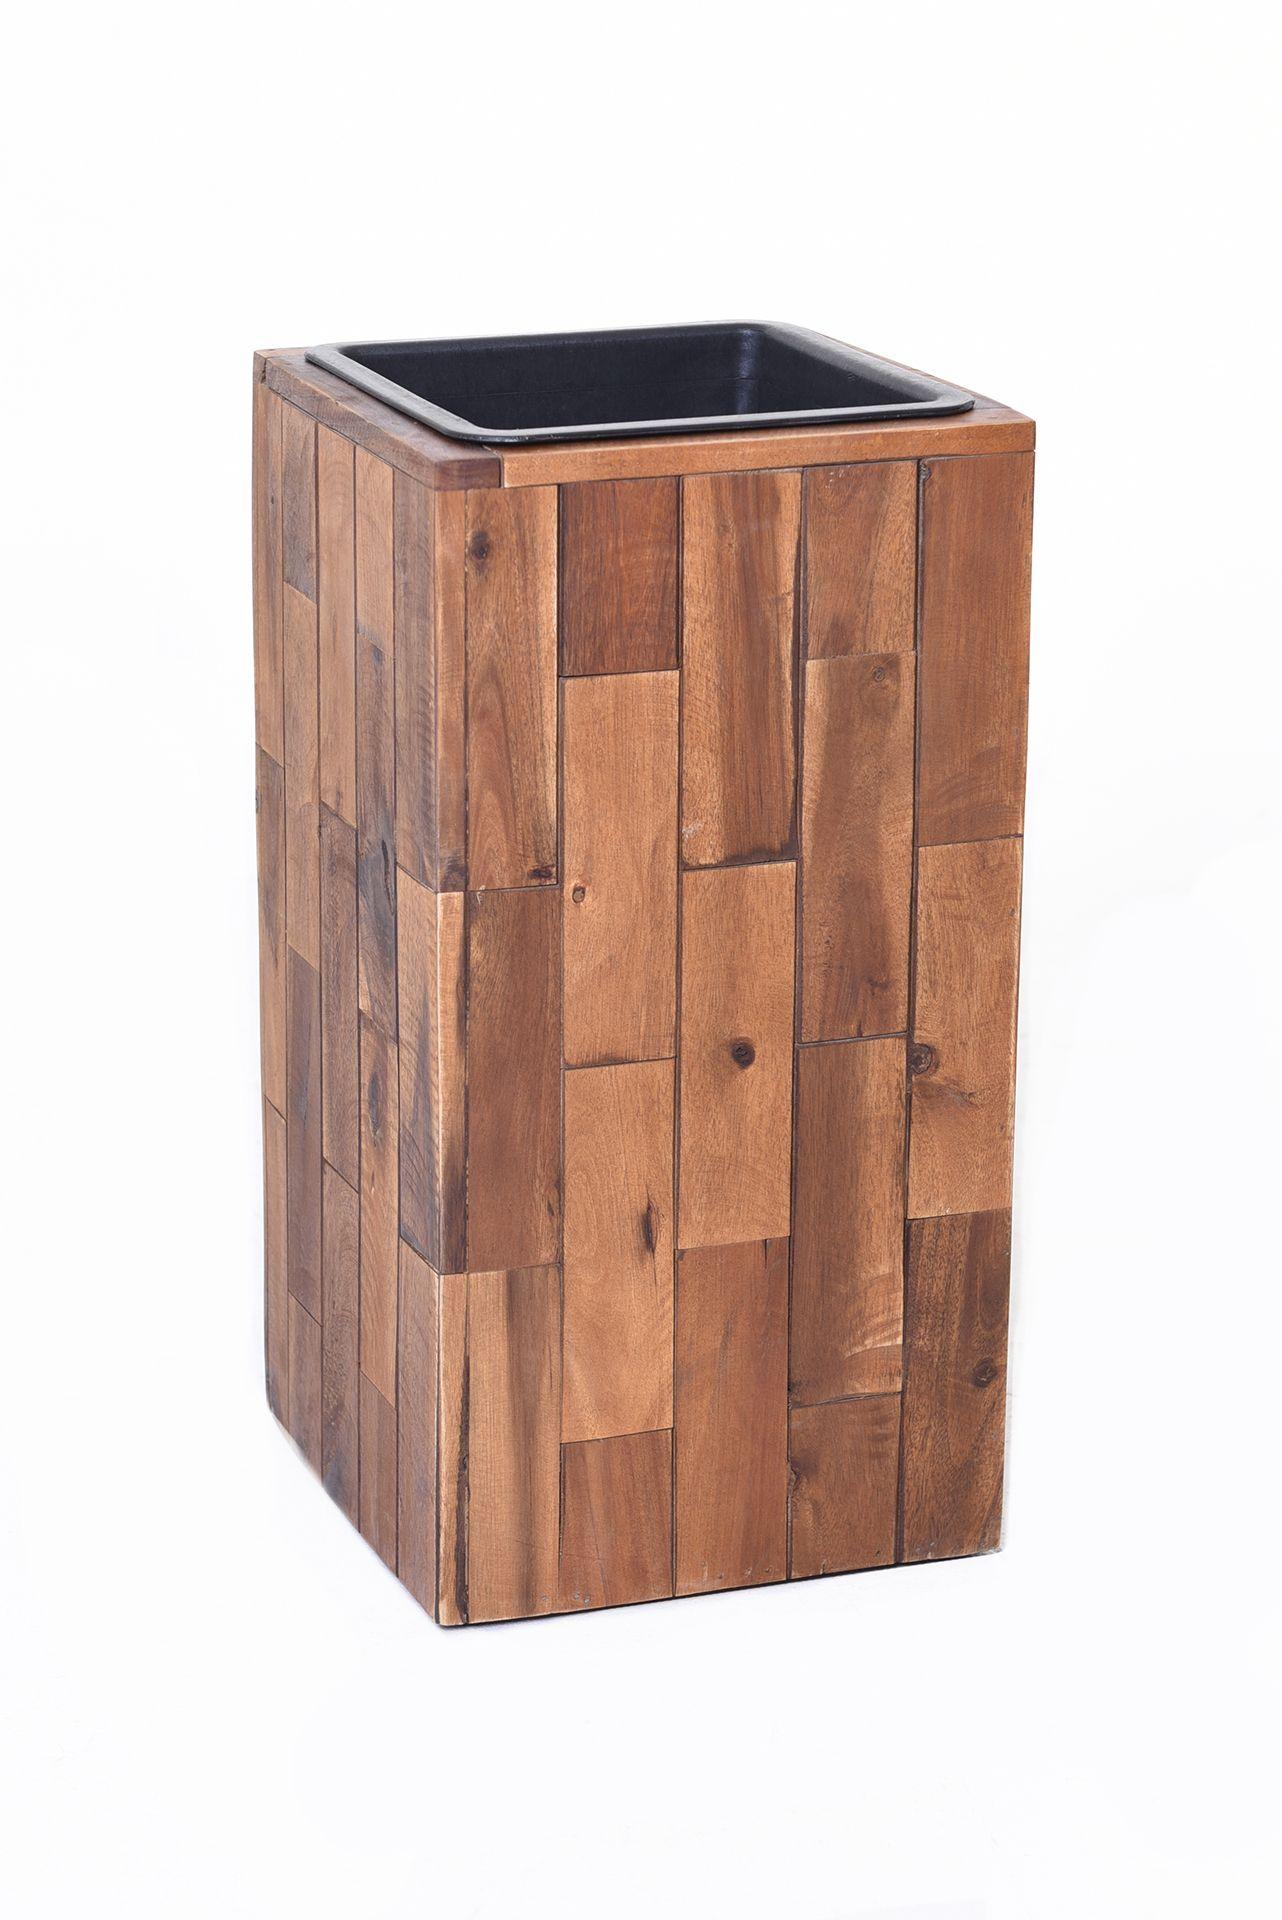 pflanzk bel blumenk bel block s ule aus holz akazie 45 cm hoch braun. Black Bedroom Furniture Sets. Home Design Ideas